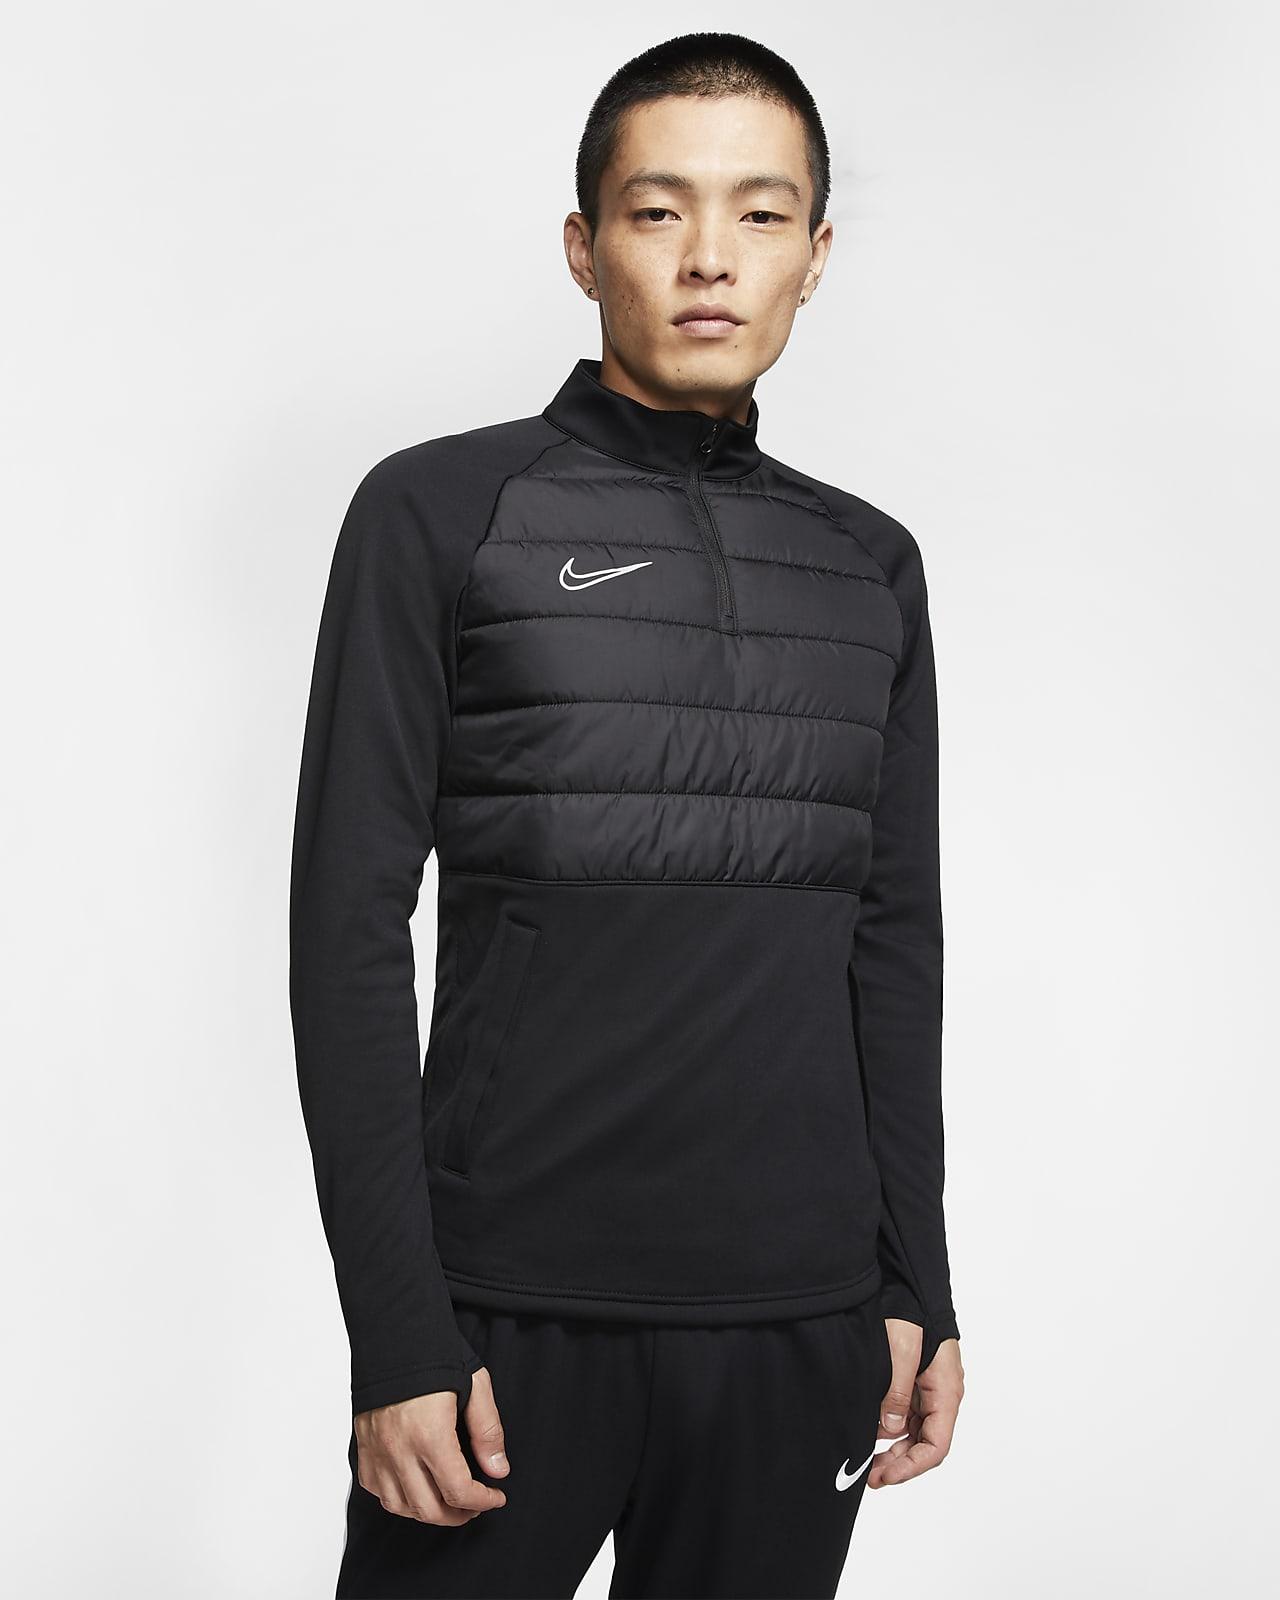 Nike Dri-FIT Academy Winter Warrior fotballtreningsoverdel til herre